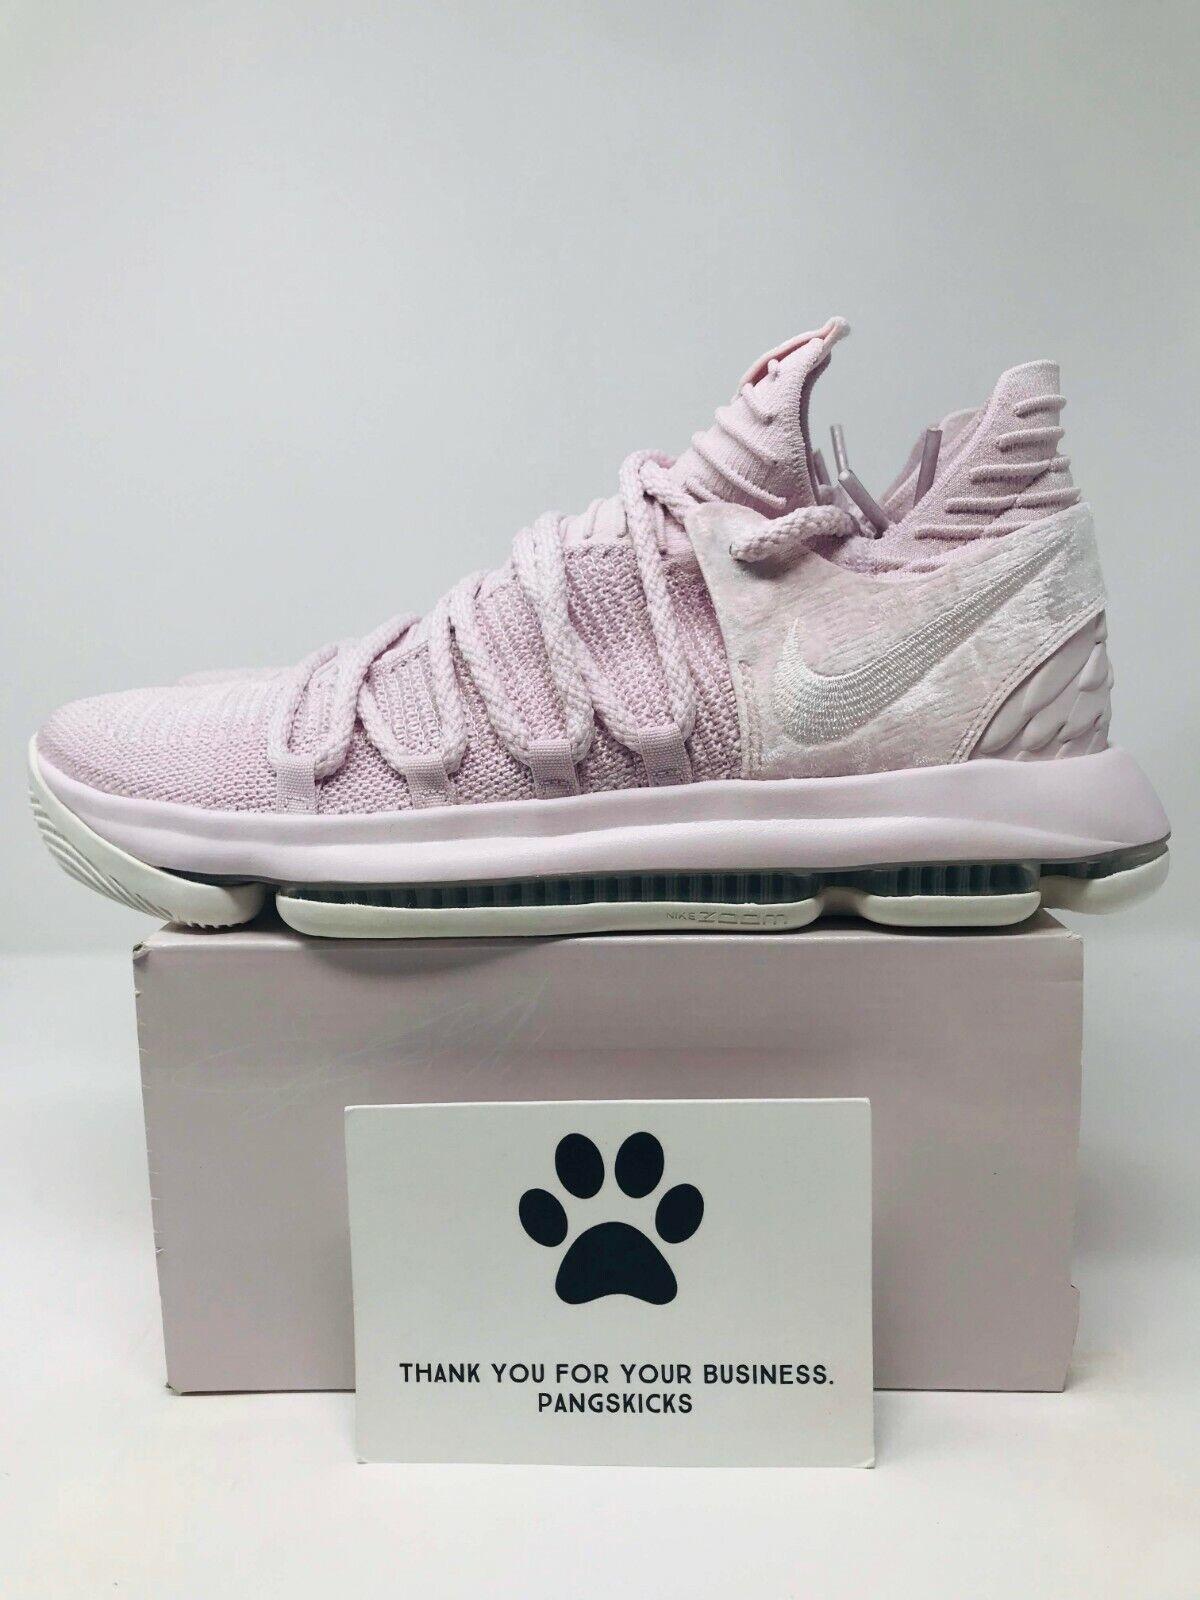 Nike Zoom KD 10 AP 'Aunt Pearl' AQ4110-600 Size 10.5-12